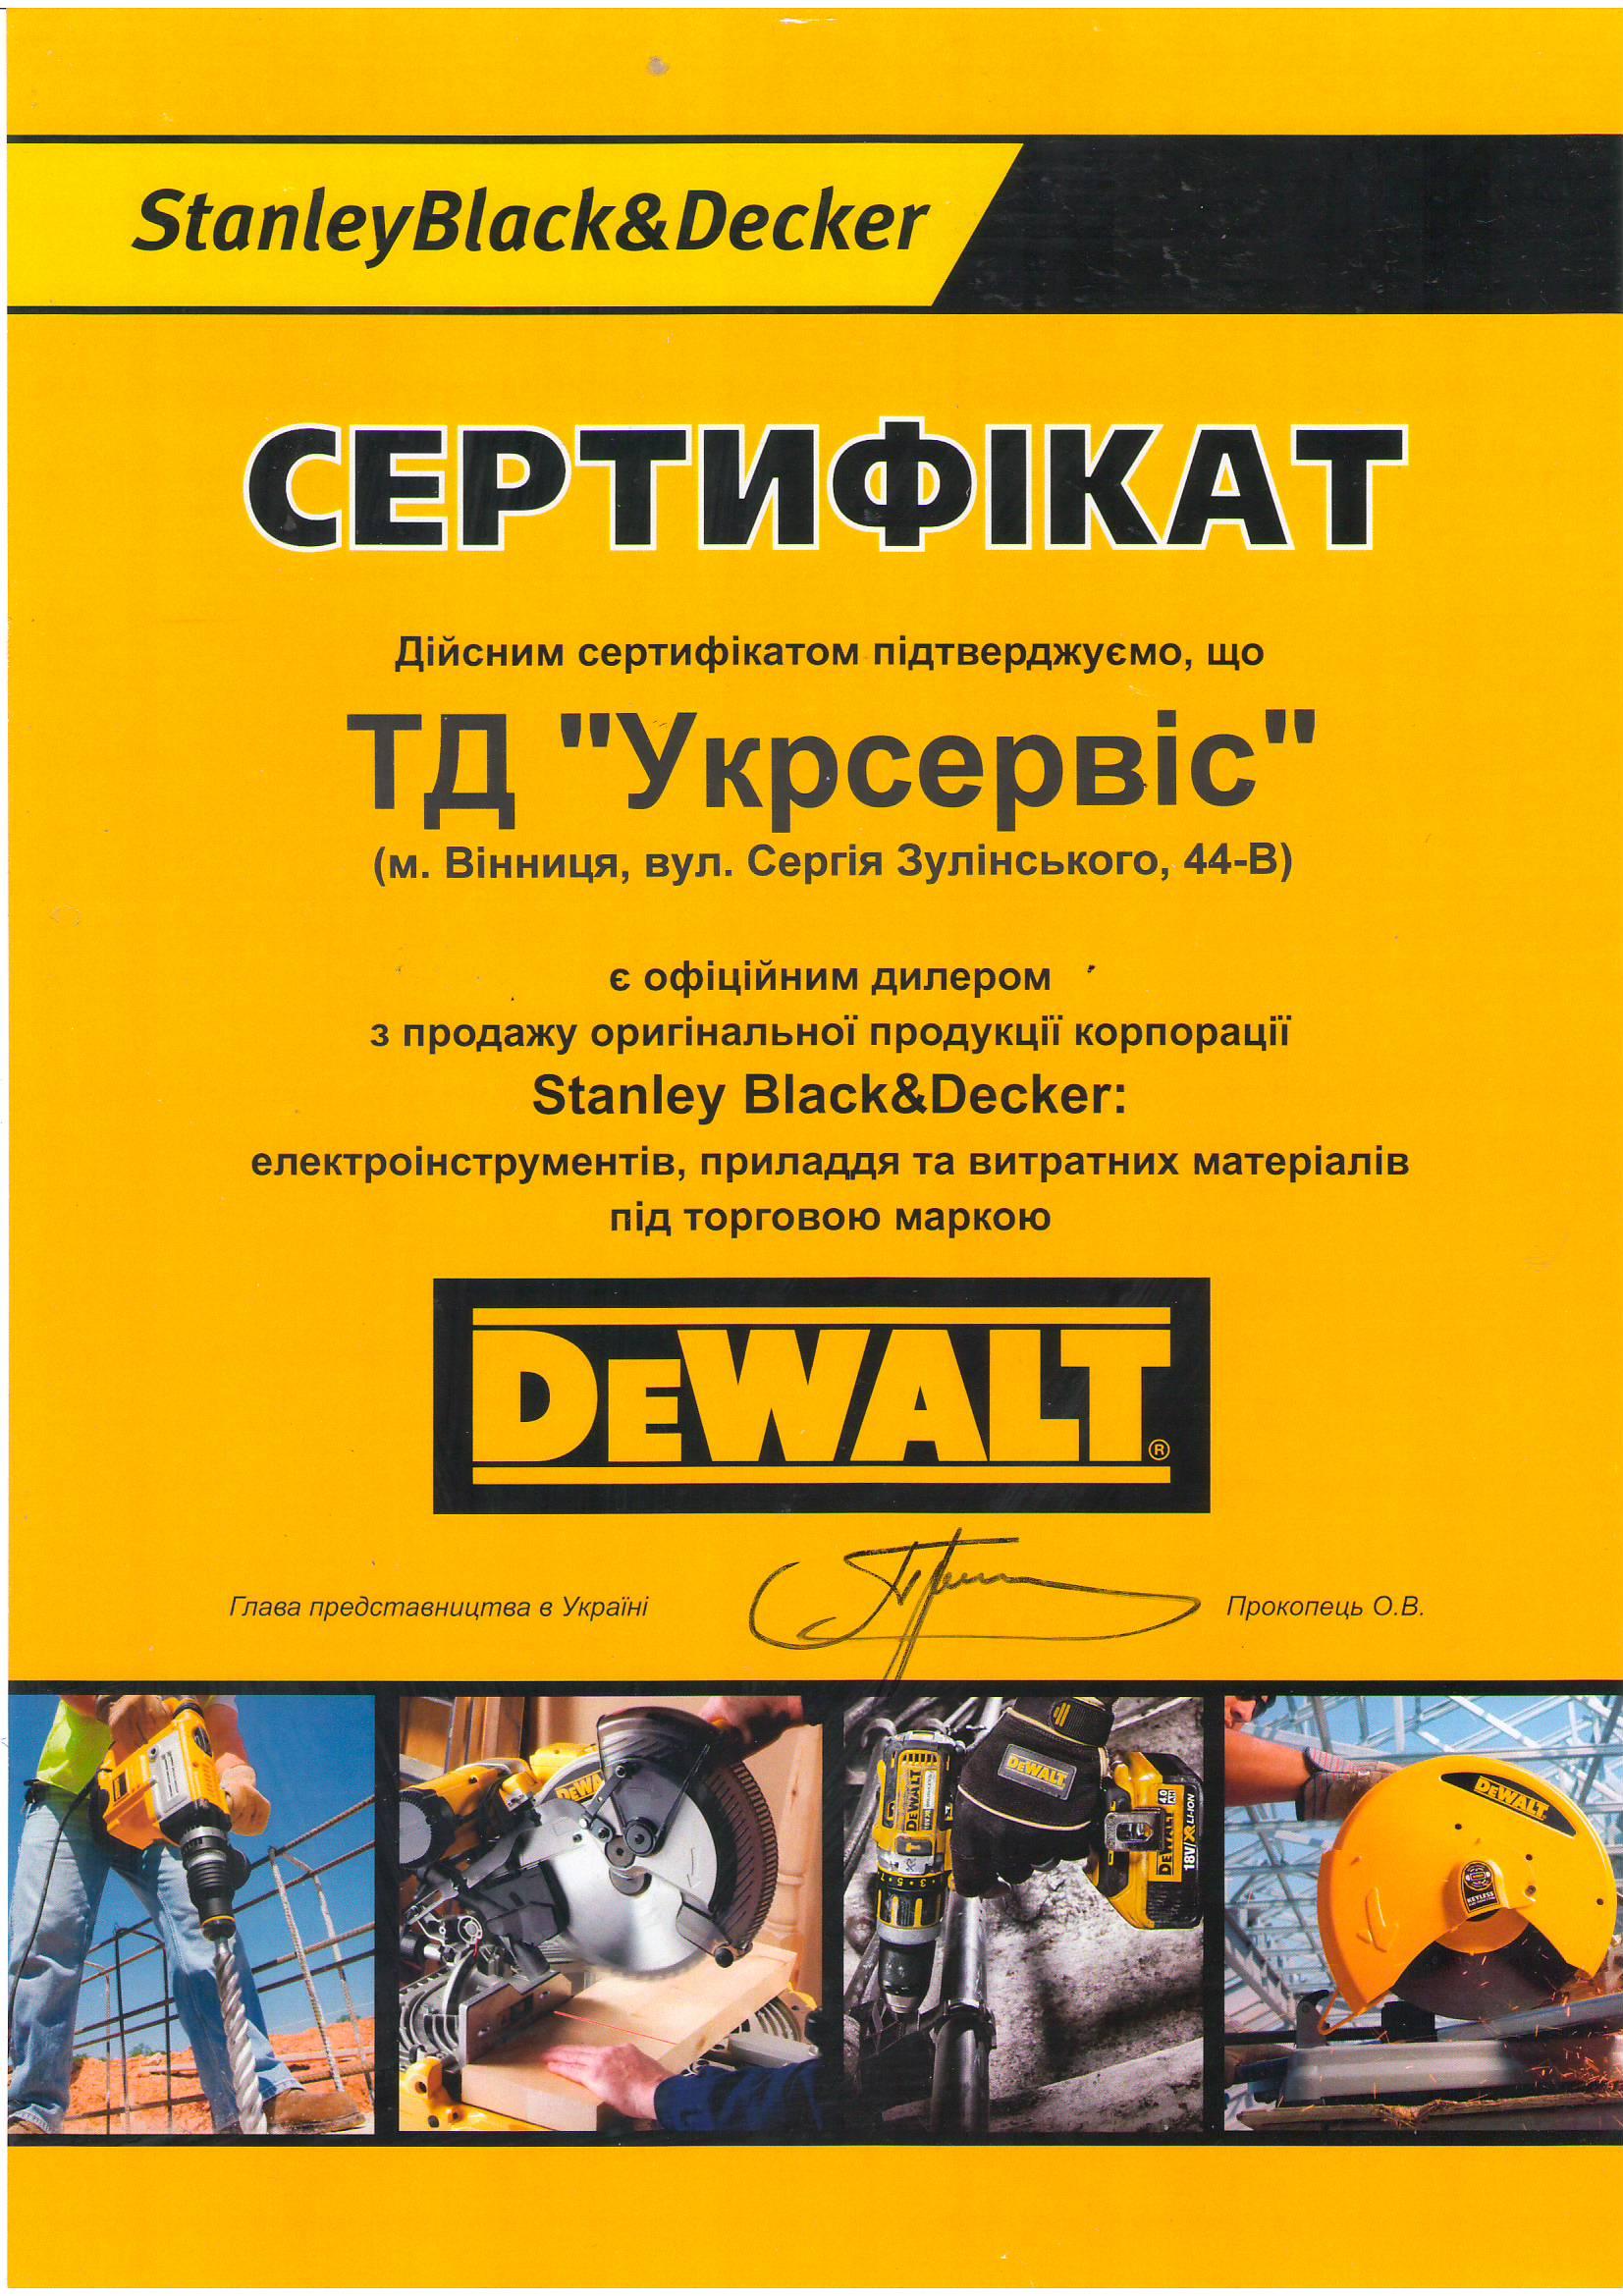 Официальный сертификат торговой марки DeWalt